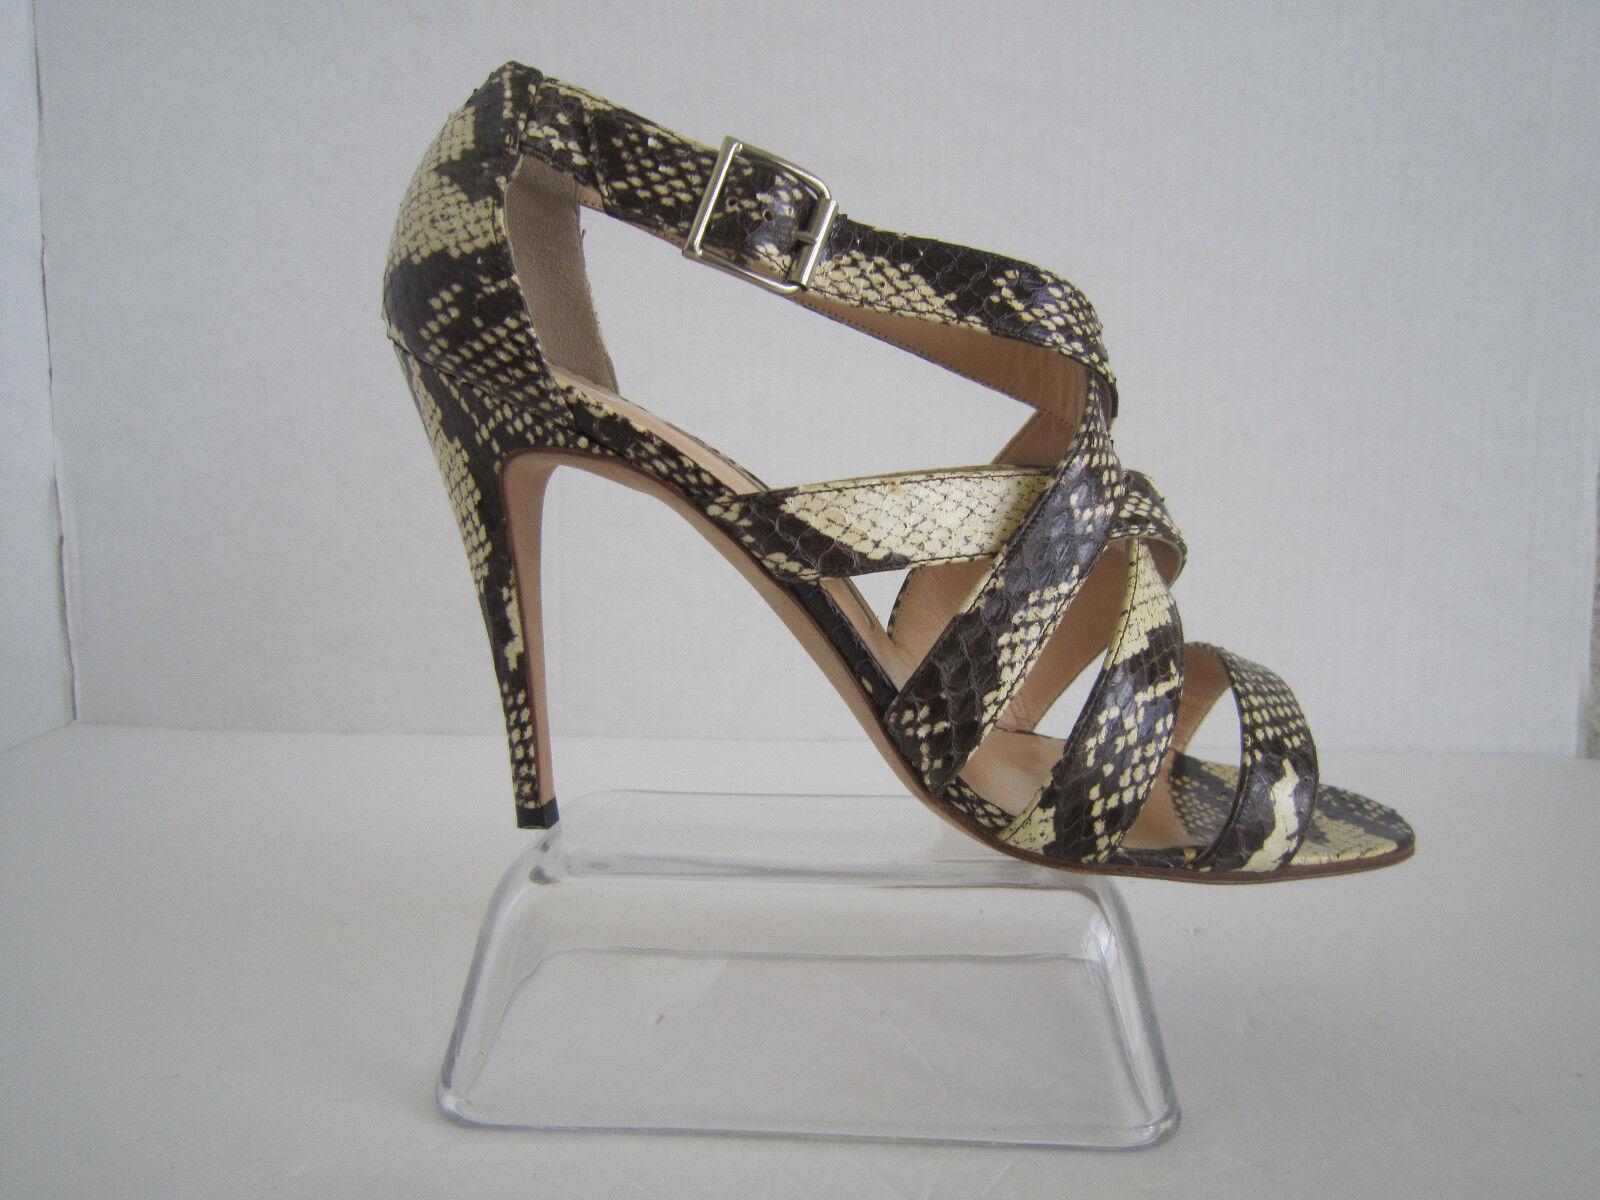 Manolo Blahnik Snake Print Strappy Heels Sandals Größe 40.5